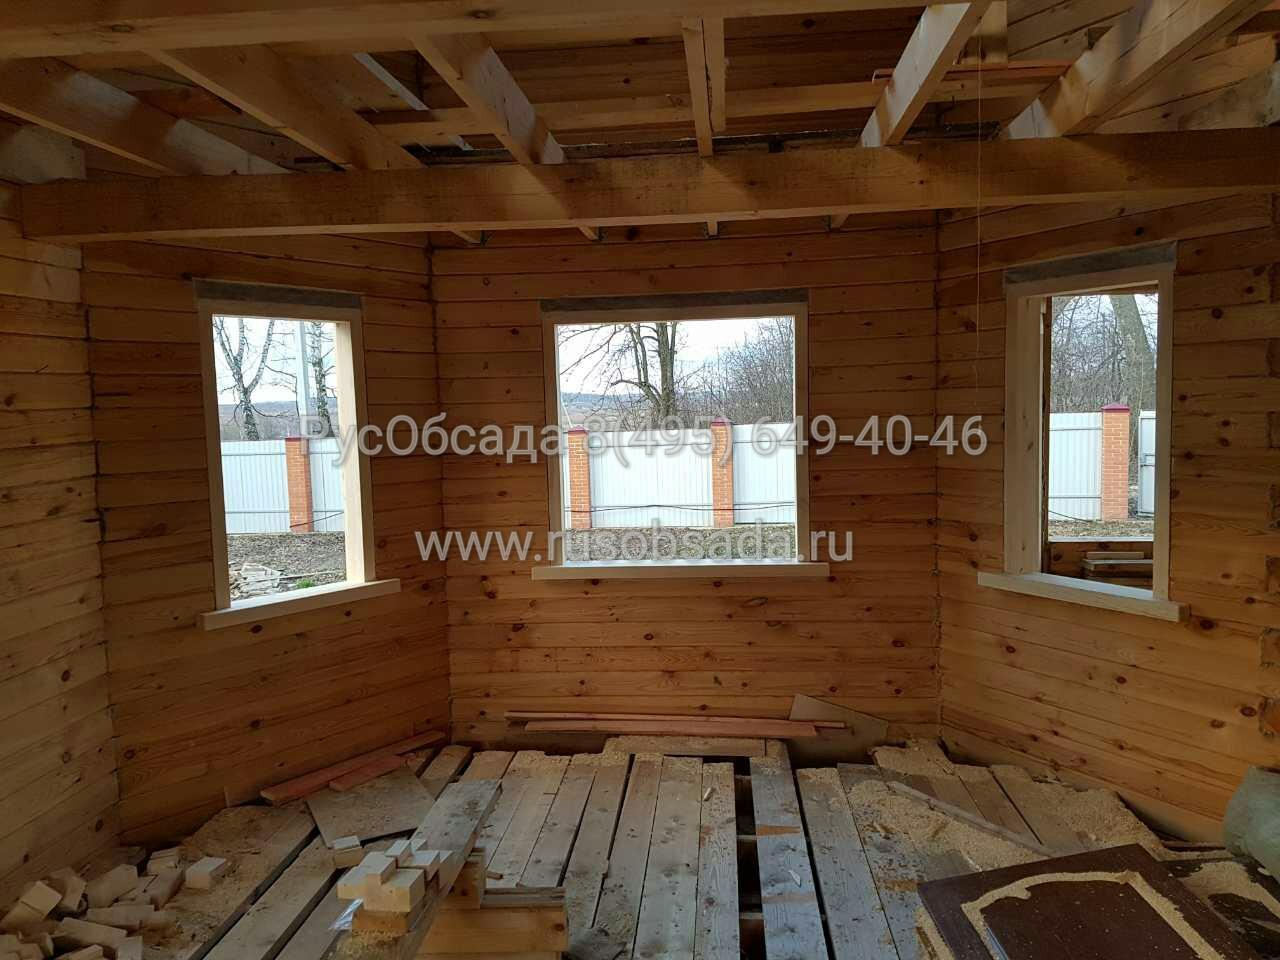 Правильная установка окон и дверей в деревянном доме 54